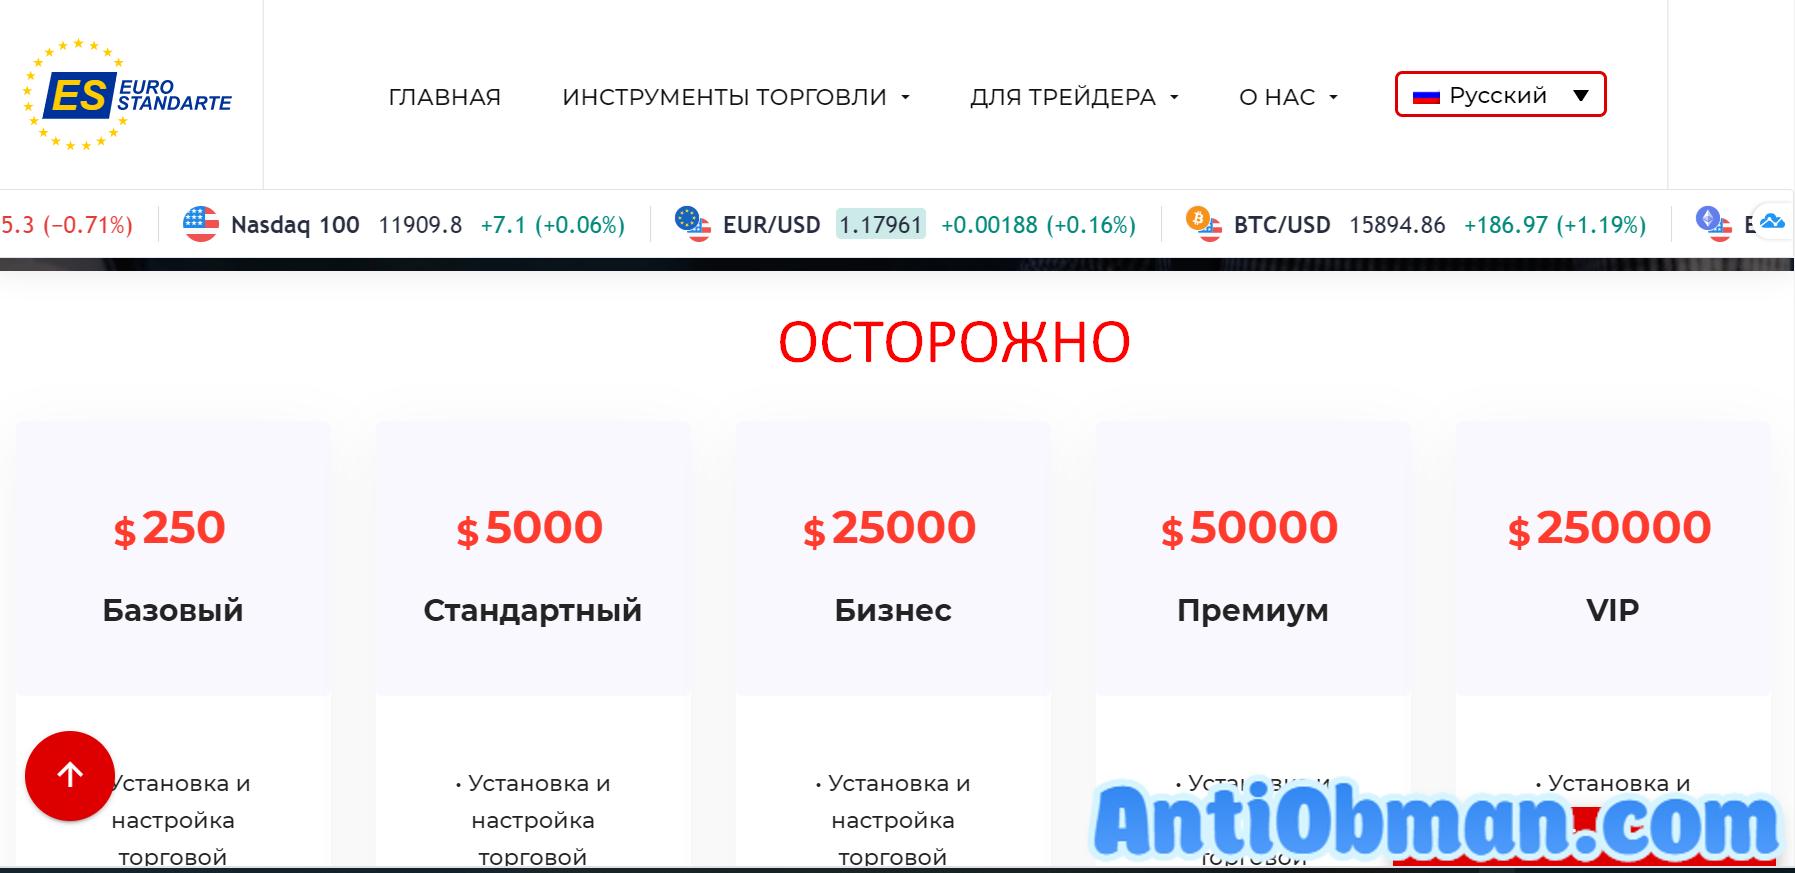 Брокер EuroStandarte - реальные отзывы о eurostandarte.com